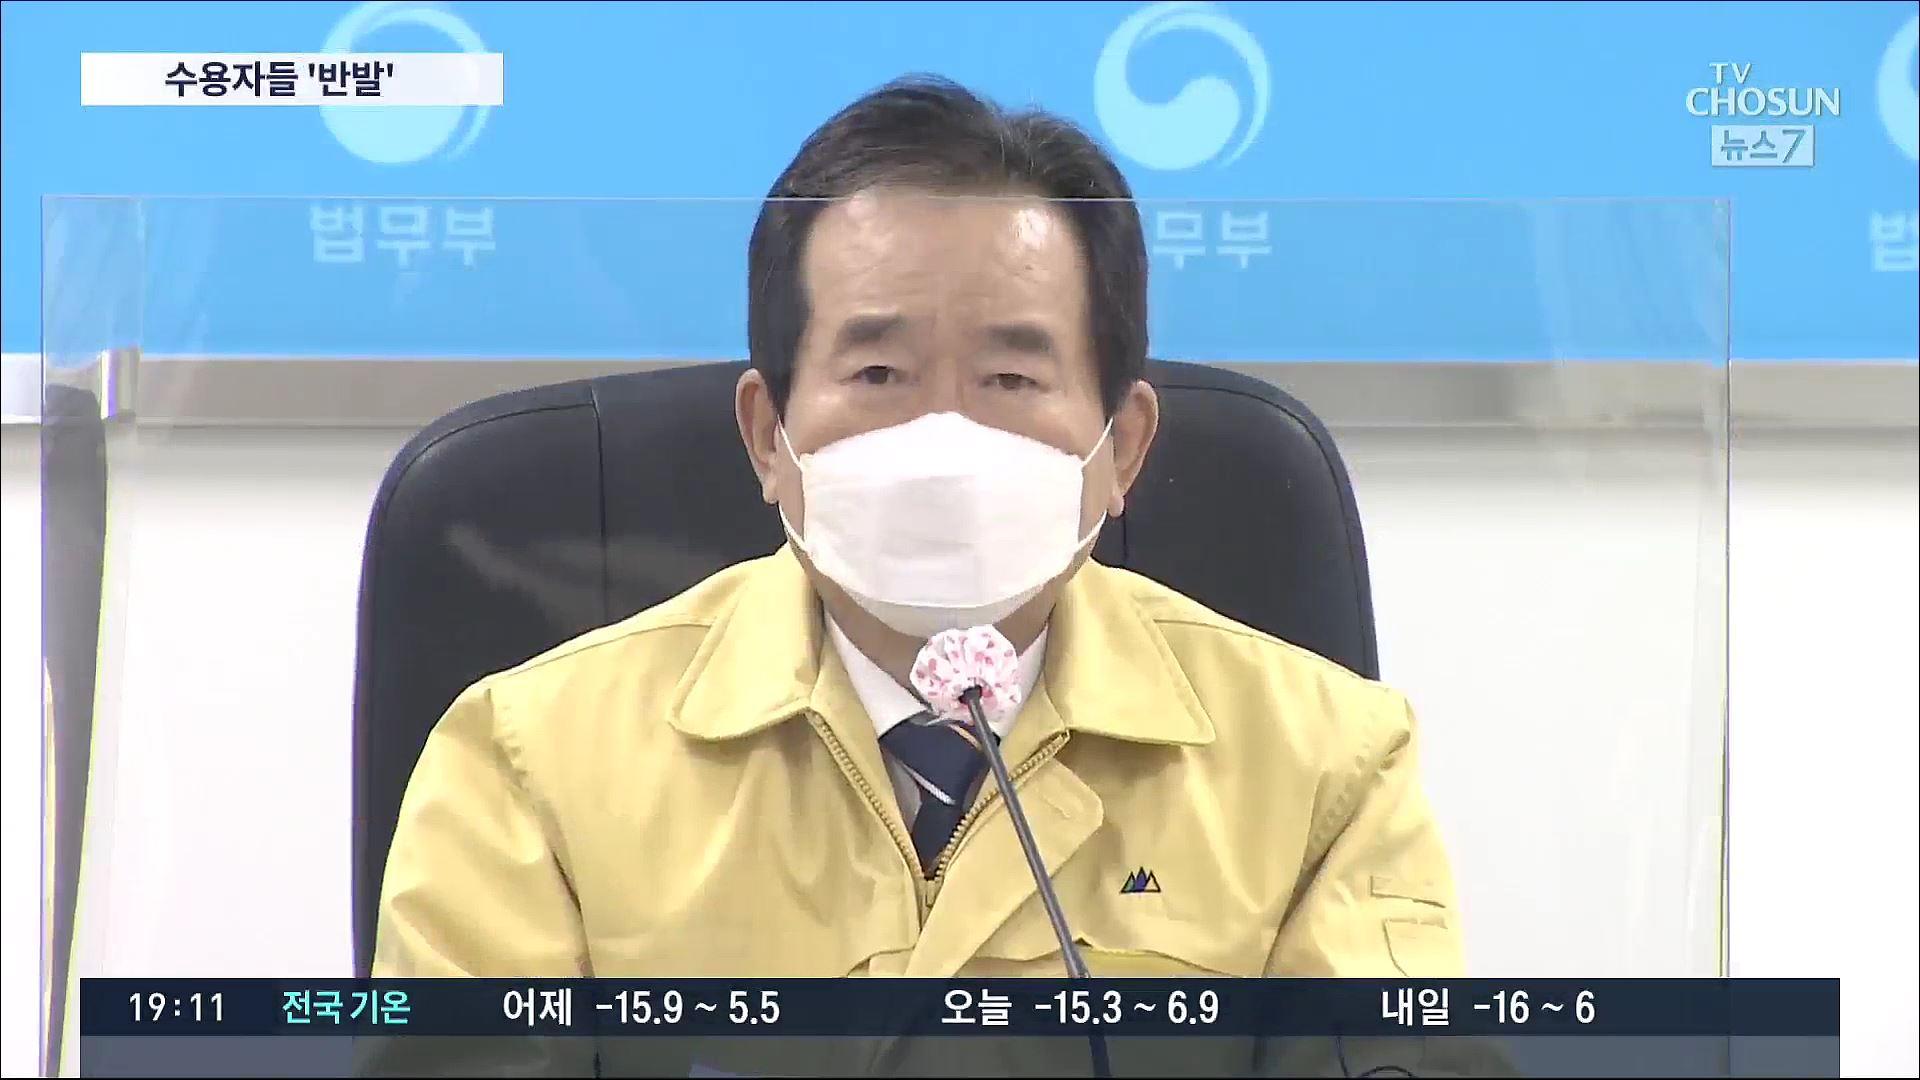 丁총리 '동부구치소 초동대응 미흡'… 재소자 '방 합치면서 확진 폭증'